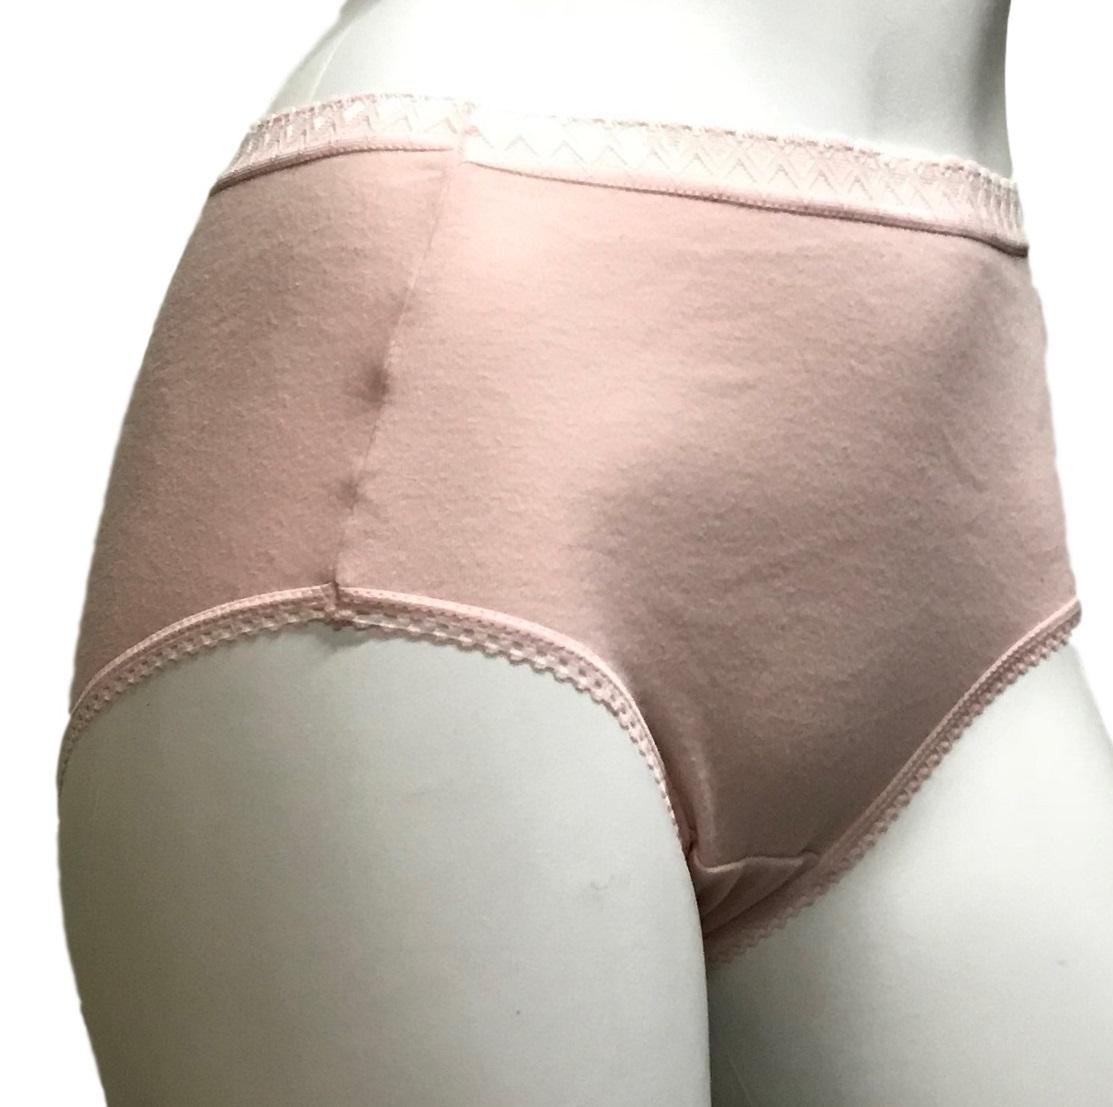 綿100%天然素材ショーツ♪M/L/LL/コットンショーツ/お腹すっぽり 綿100%スムス編み丈長ゆったり ショーツ 深ばき 色はお任せ!